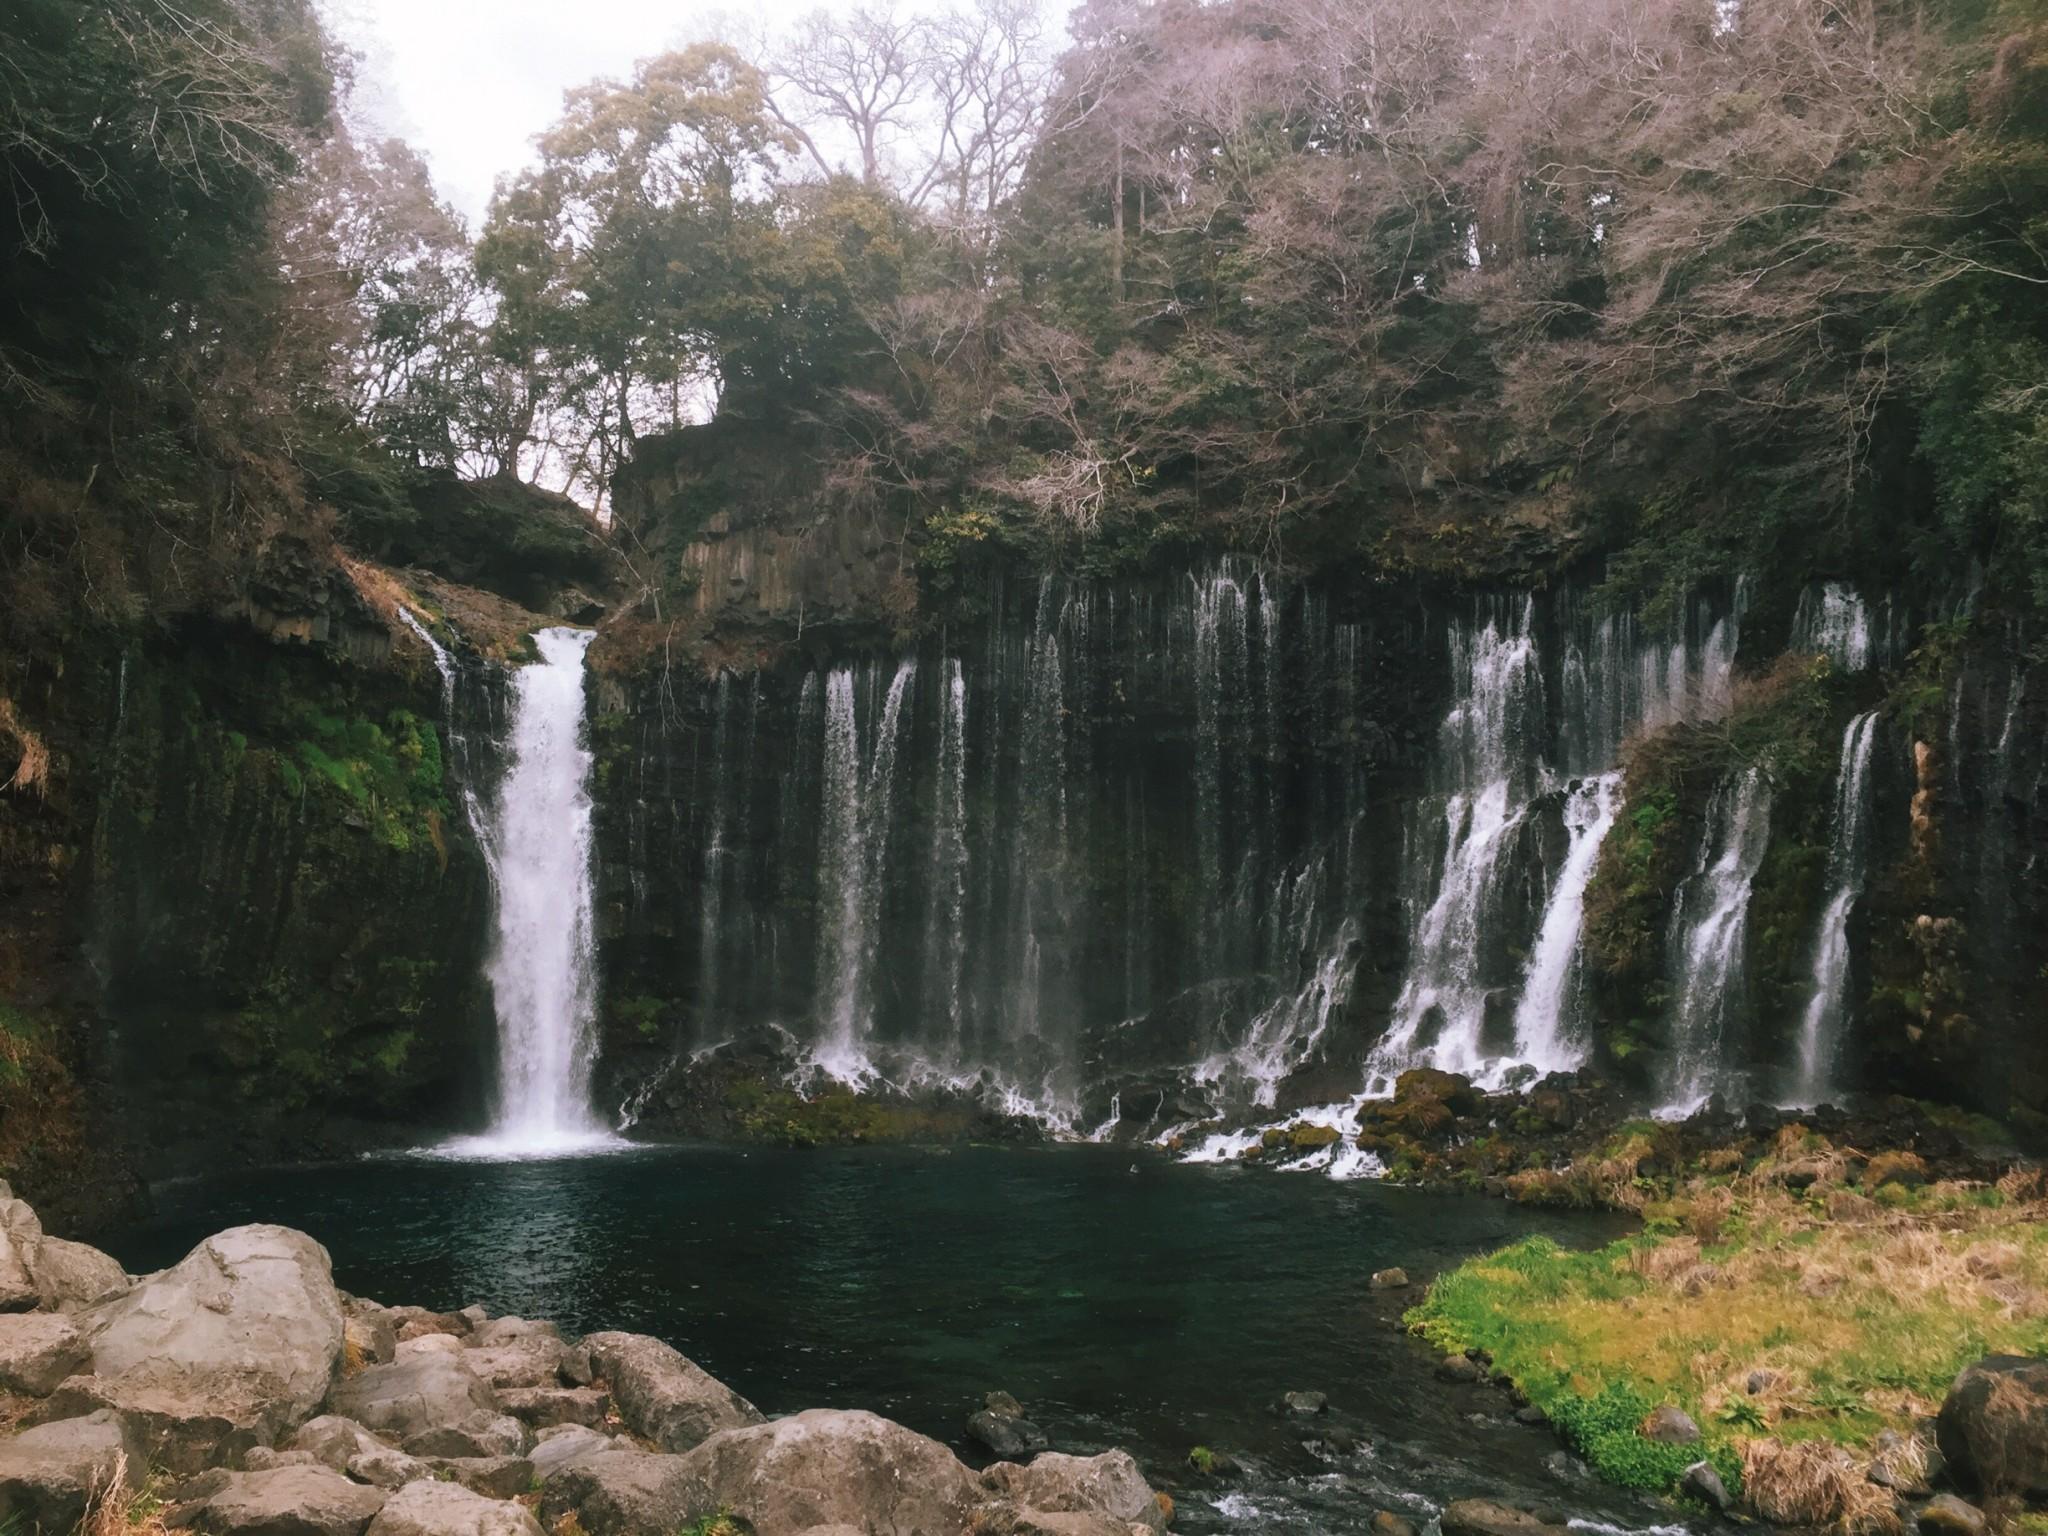 Mt. Fuji's Shiraito and Otodome Waterfalls